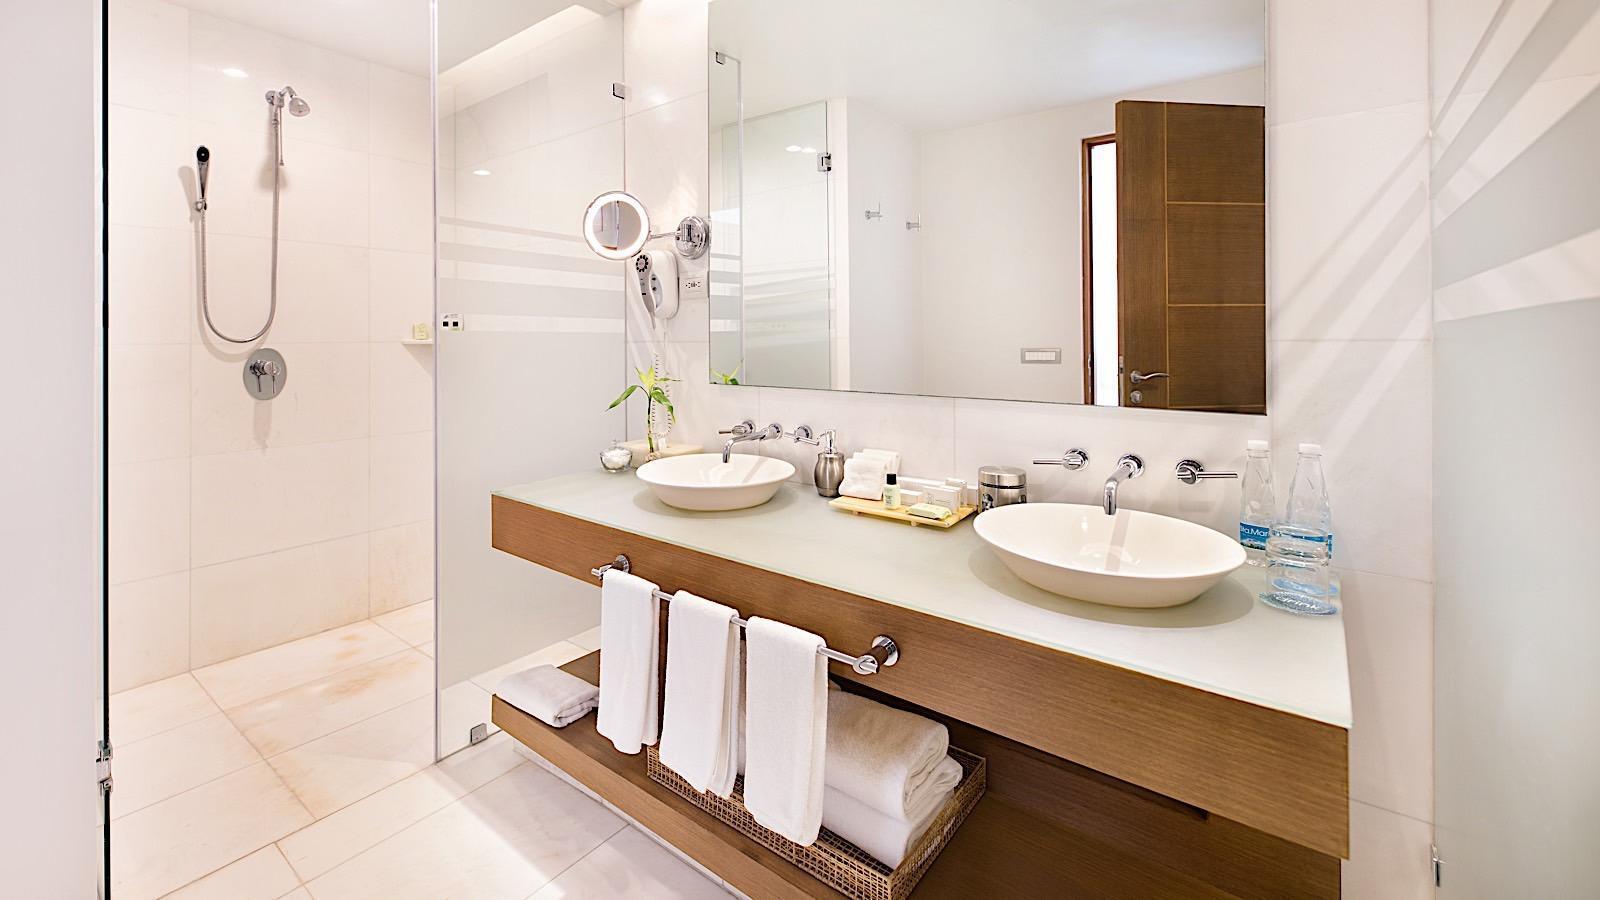 Bathroom in Imperial Suite at Mundo Imperial